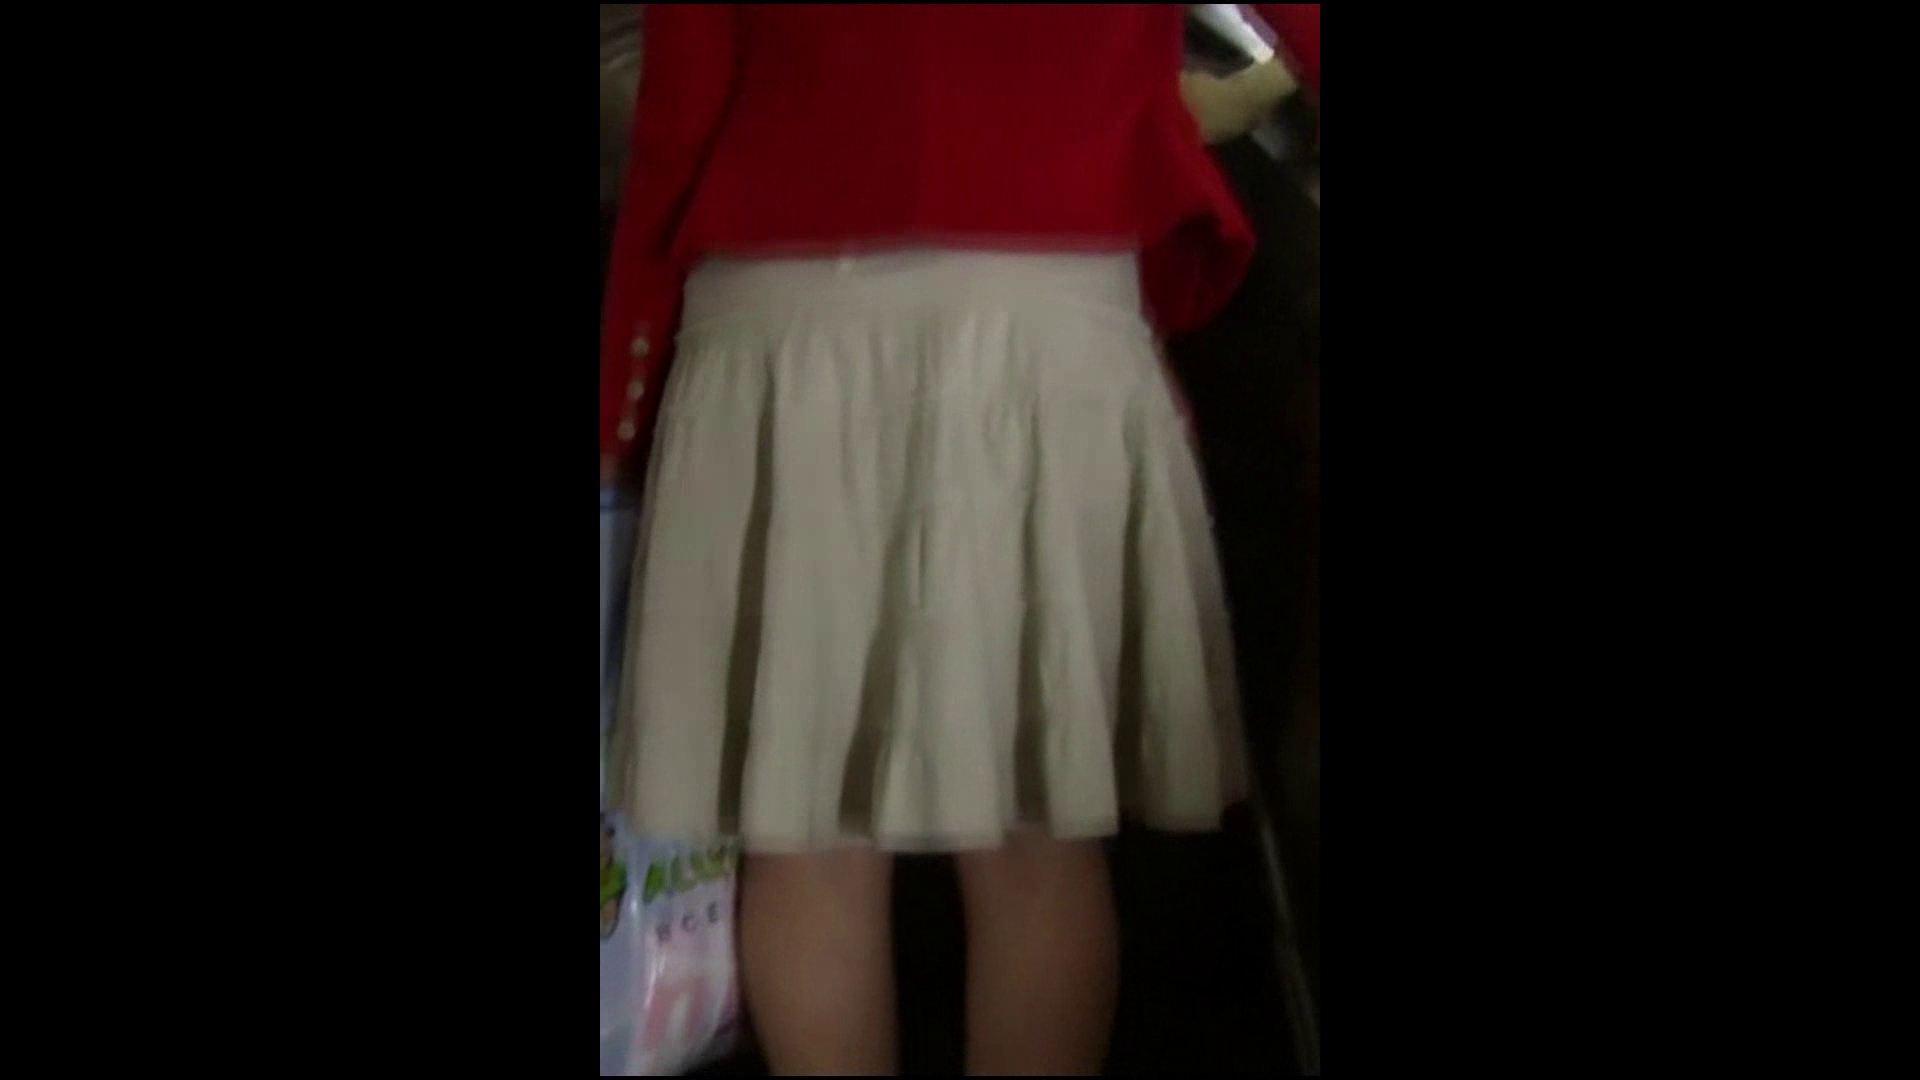 綺麗なモデルさんのスカート捲っちゃおう‼vol01 Hなお姉さん | モデルヌード  74pic 51